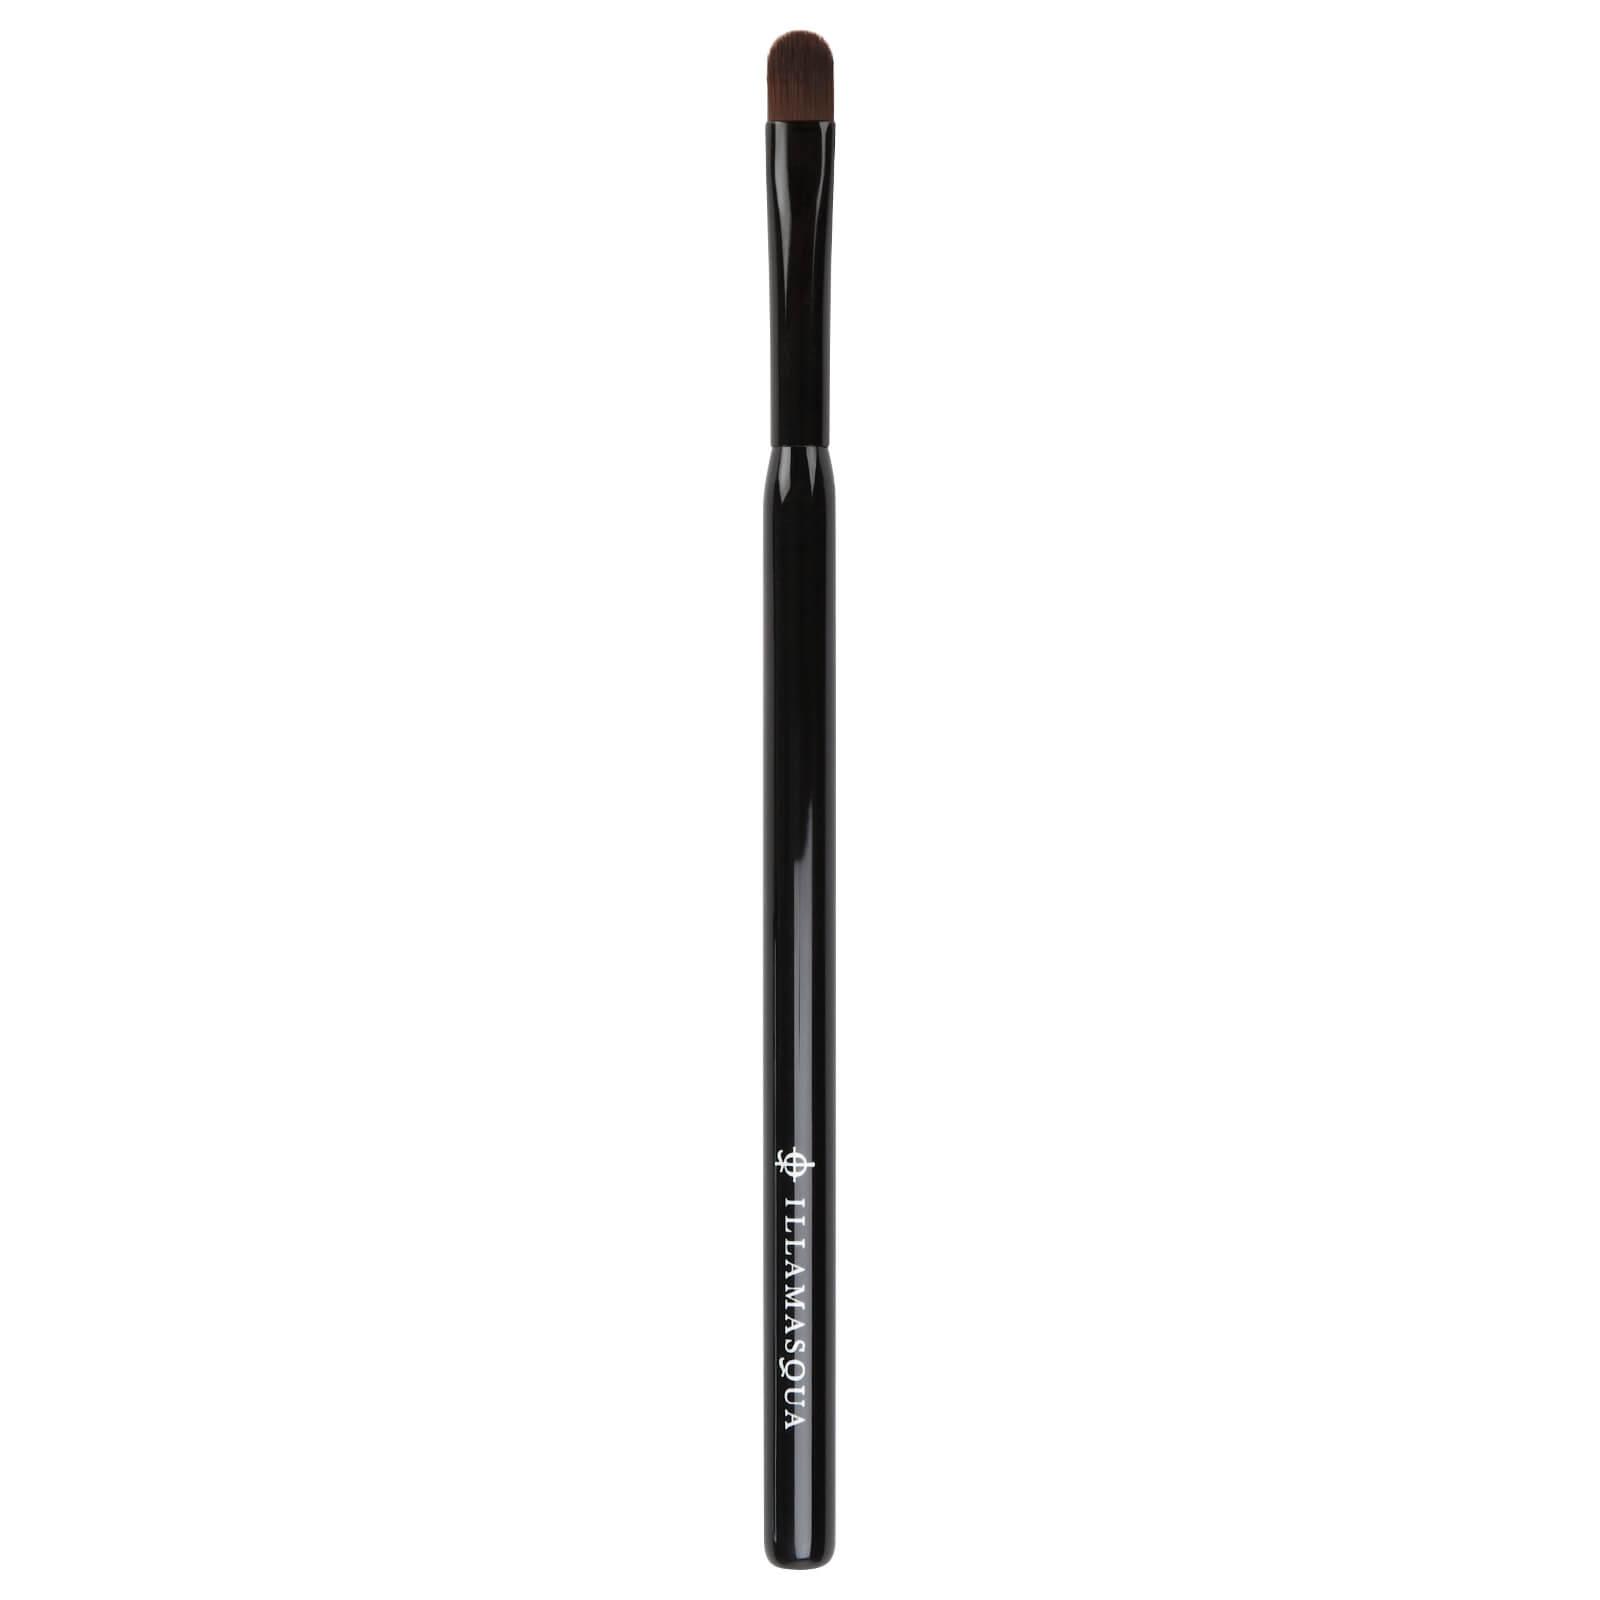 Illamasqua Small Eyeshadow Brush